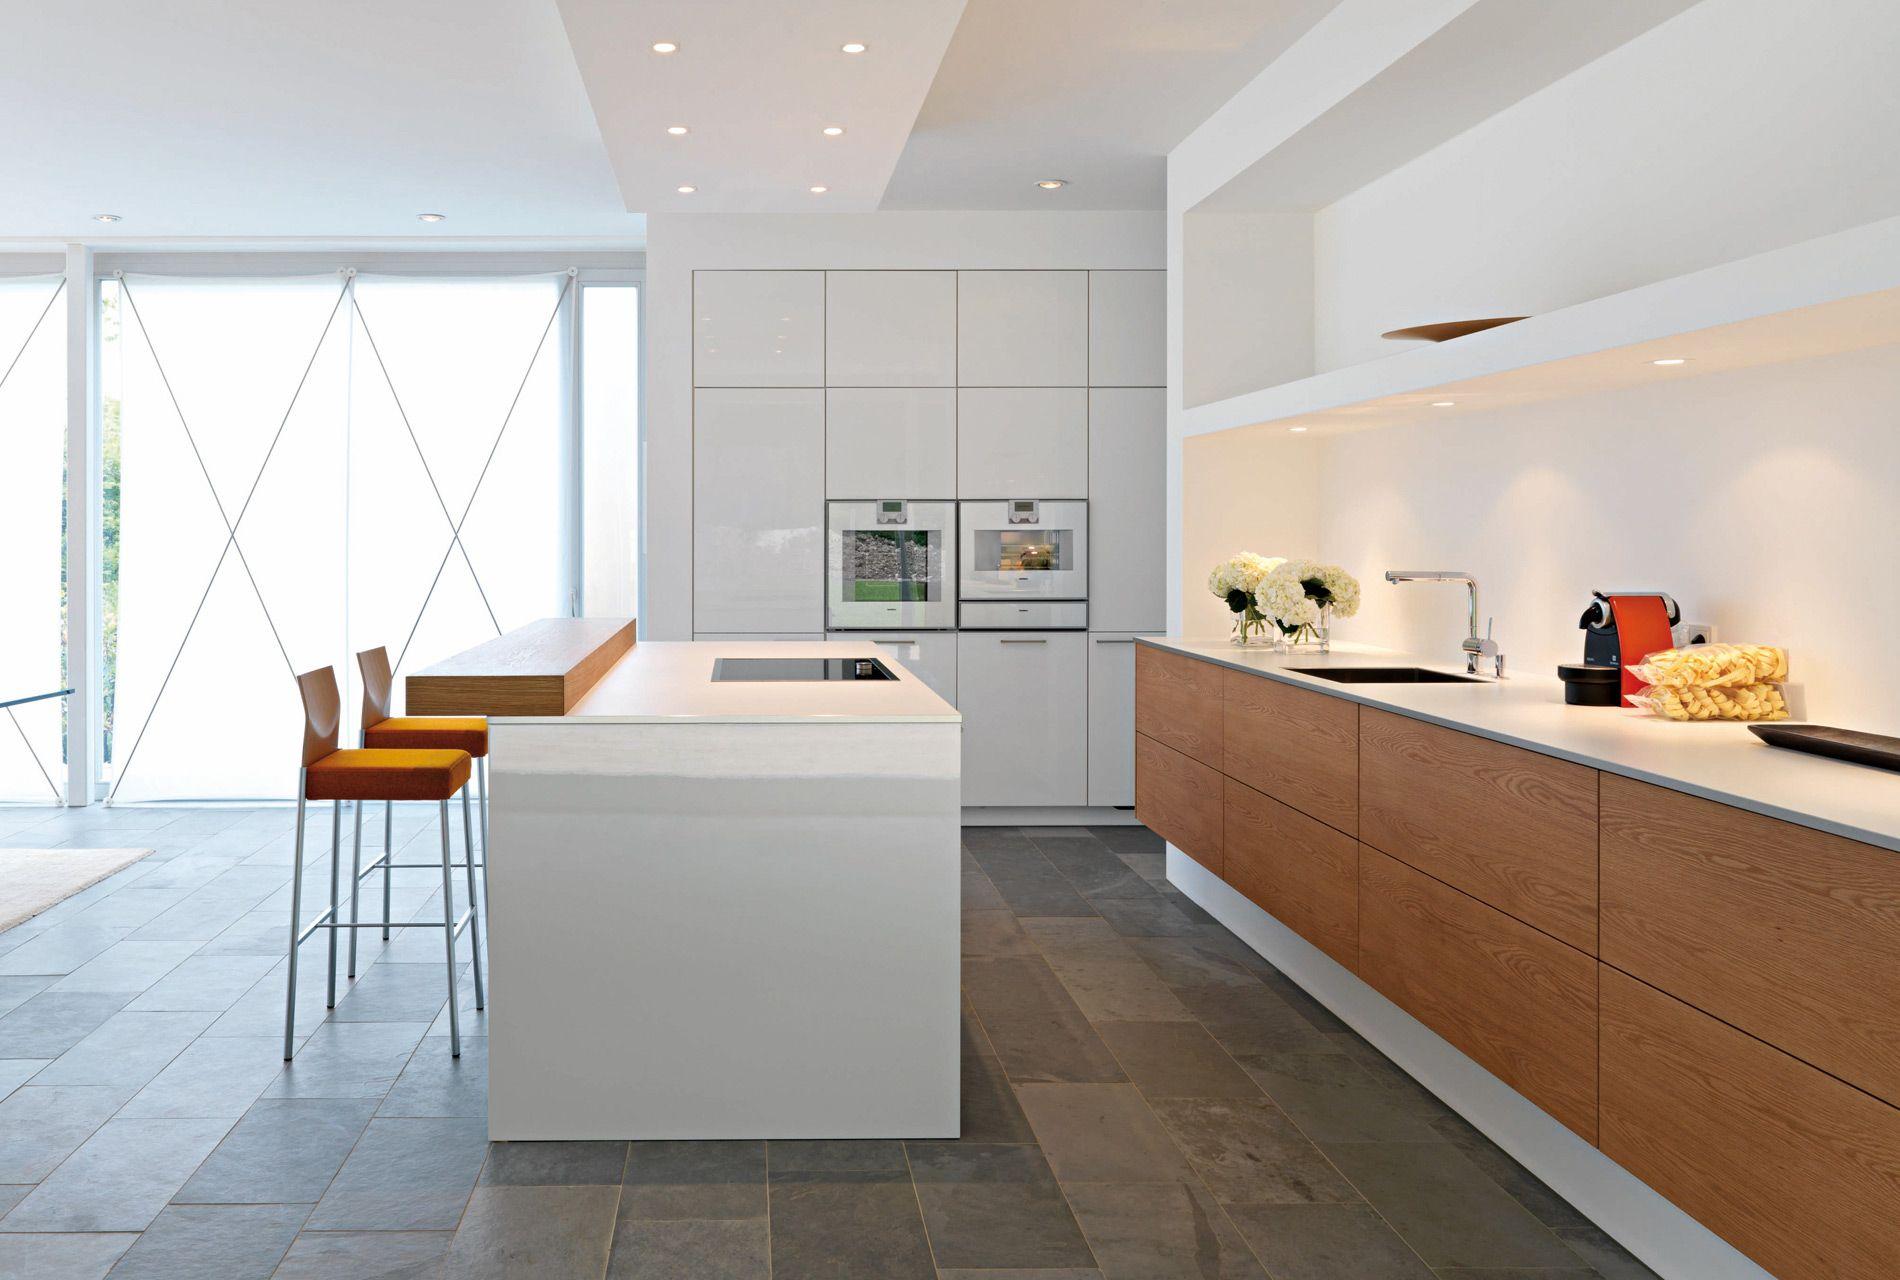 Cocinas Merkamueble Precios | Gran De Muebles Cocina Ikea Precios ...